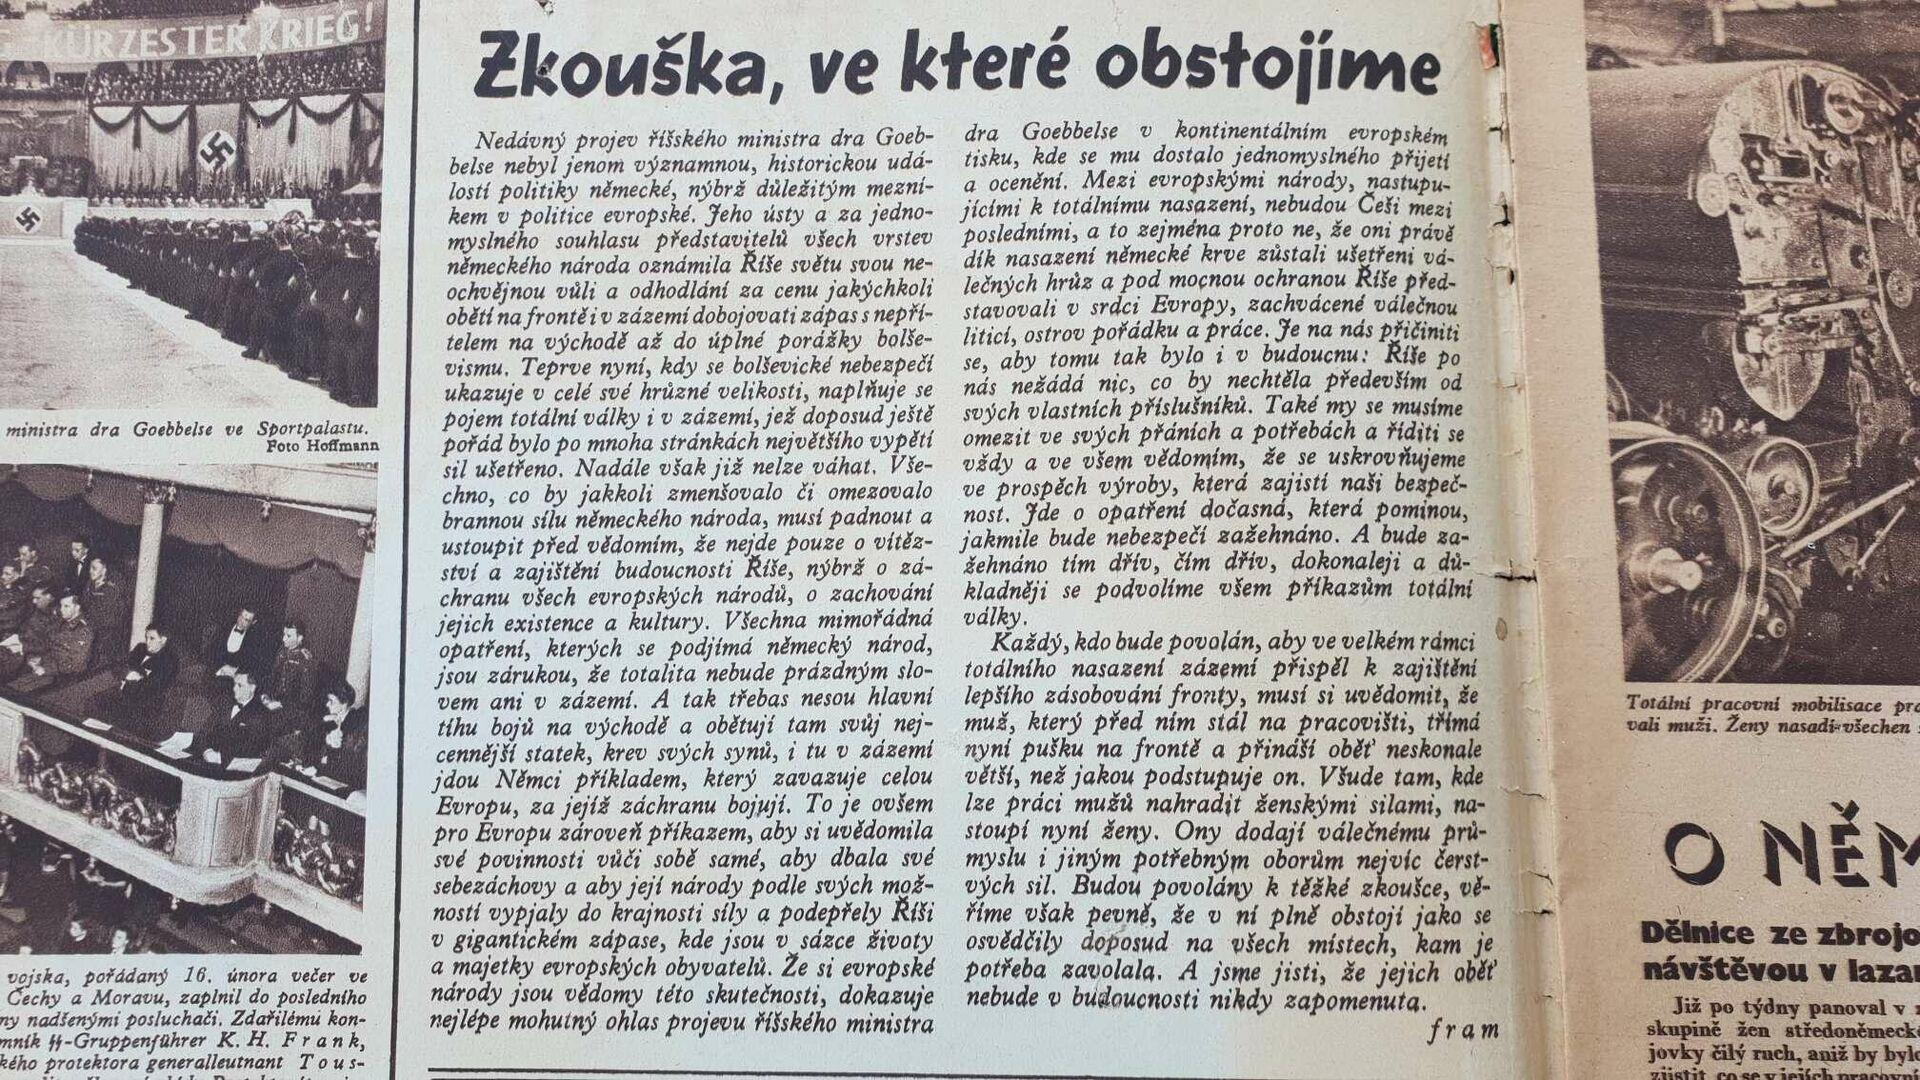 Protektorátní tisk potvrzuje Hitlerův citát z Vachkovy knihy. Čtenáři mĕli vĕřit v ochranu Říše. (Magazín Hvĕzda, č. 10, str. 2, 5.3.1943)  - Sputnik Česká republika, 1920, 28.06.2021